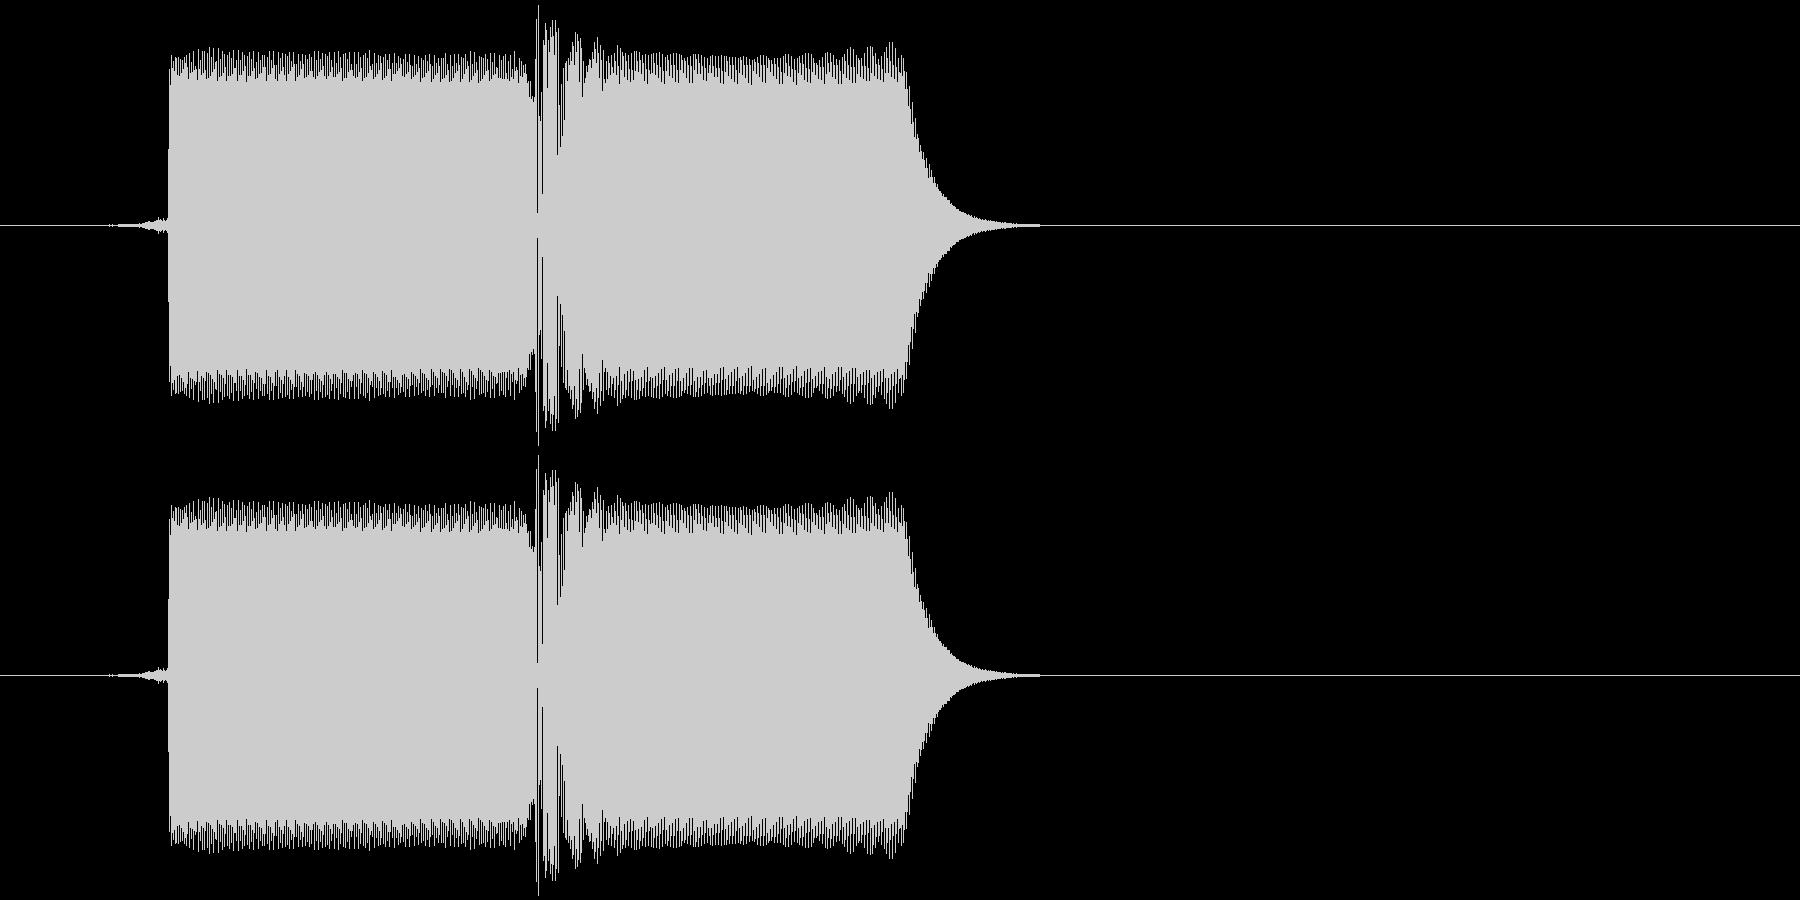 ファミコン風8bit レトロな選択音の未再生の波形